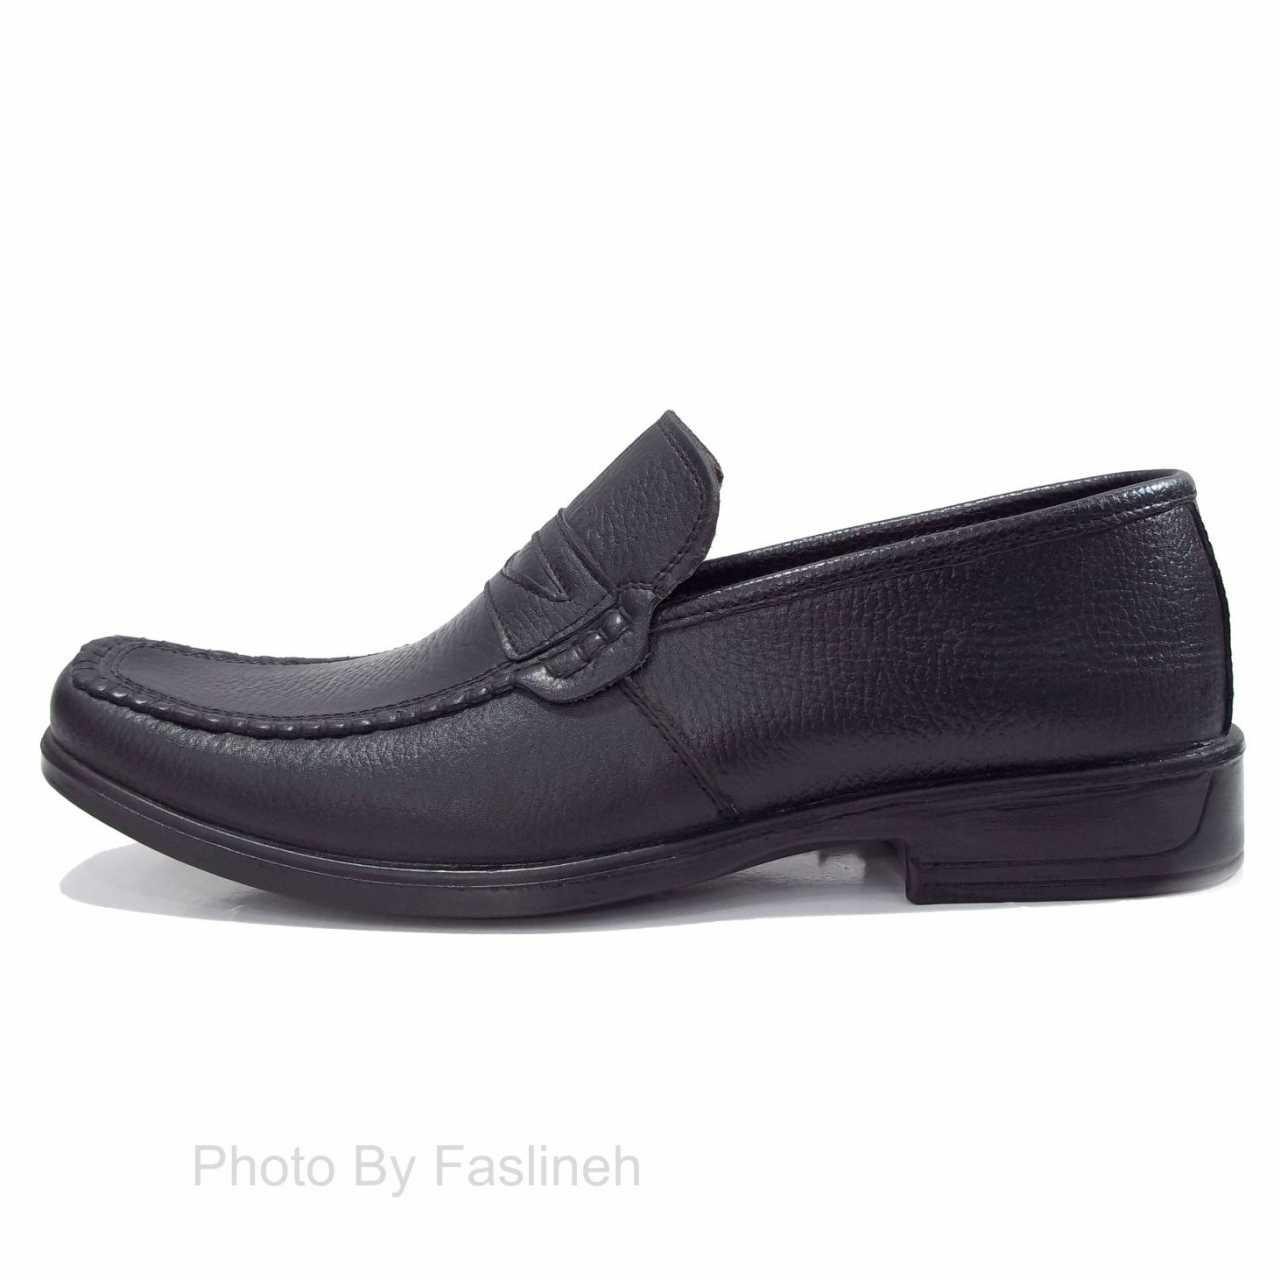 کفش چرم انصاری مشکی بدون بند TA59